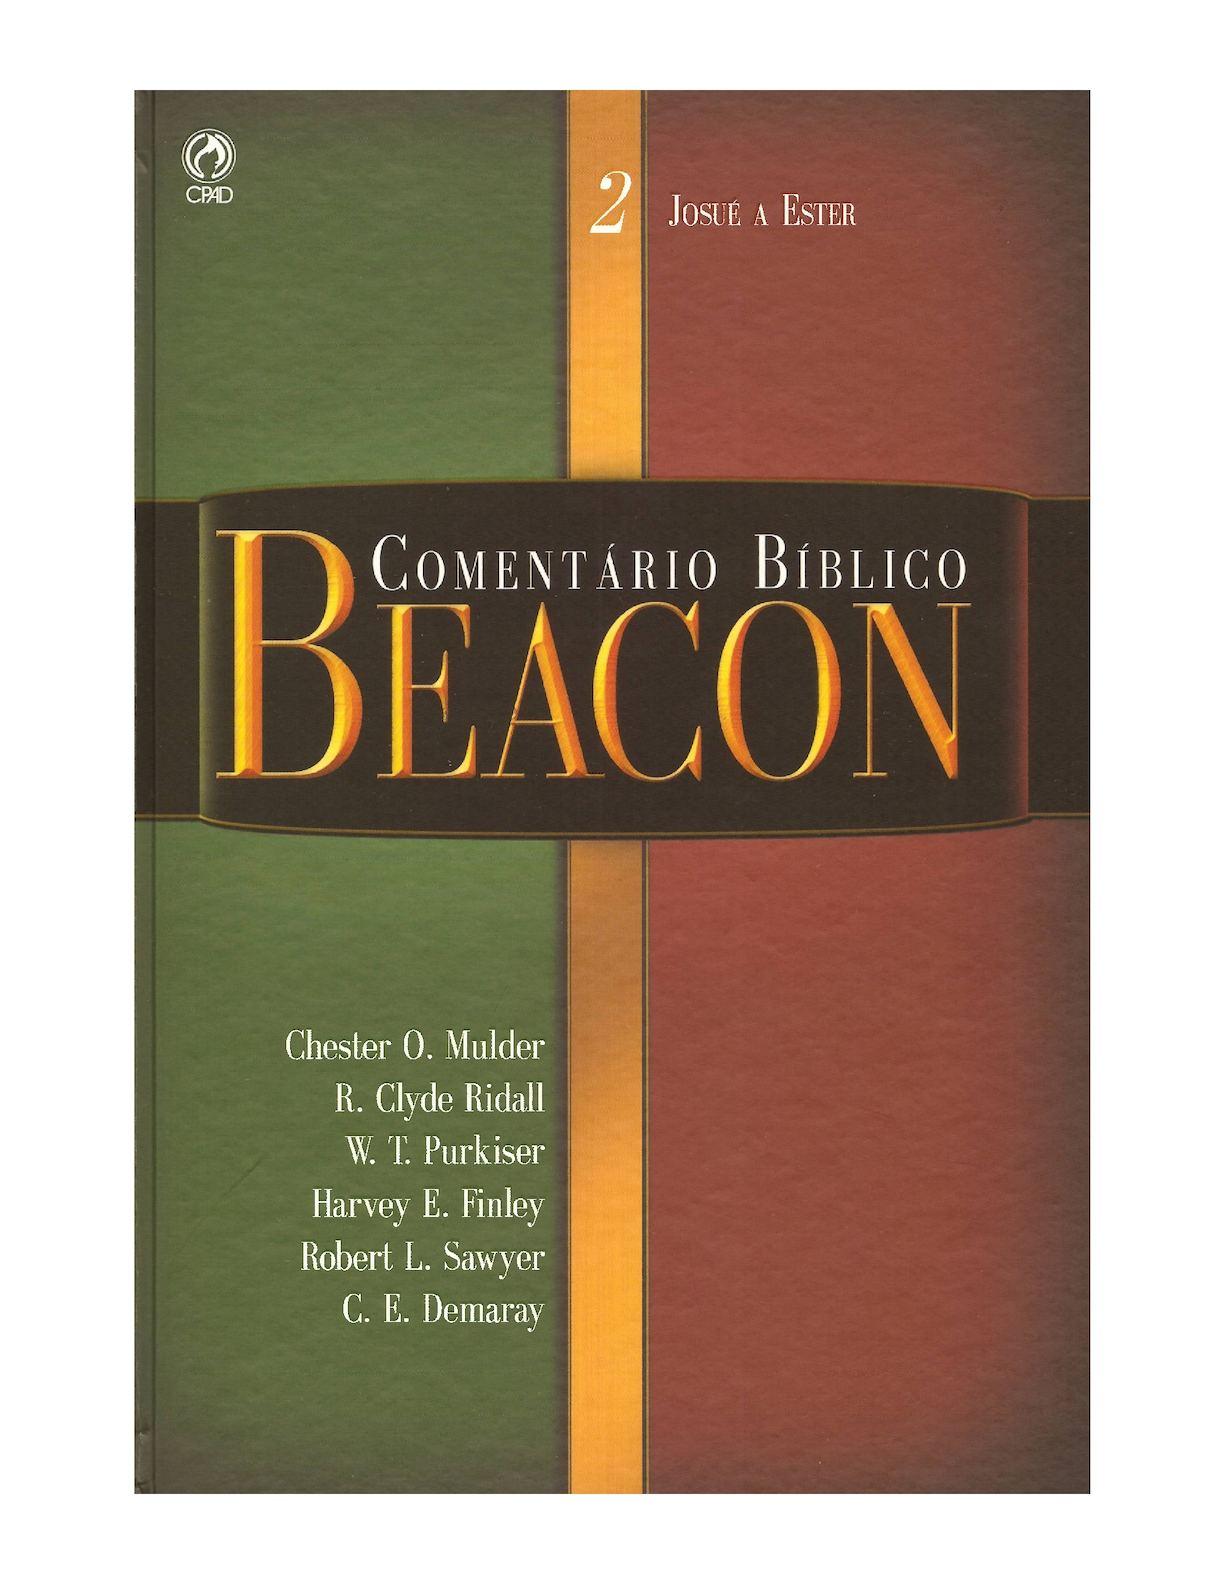 7738530bc Calaméo - Livros Historicos Vol 2